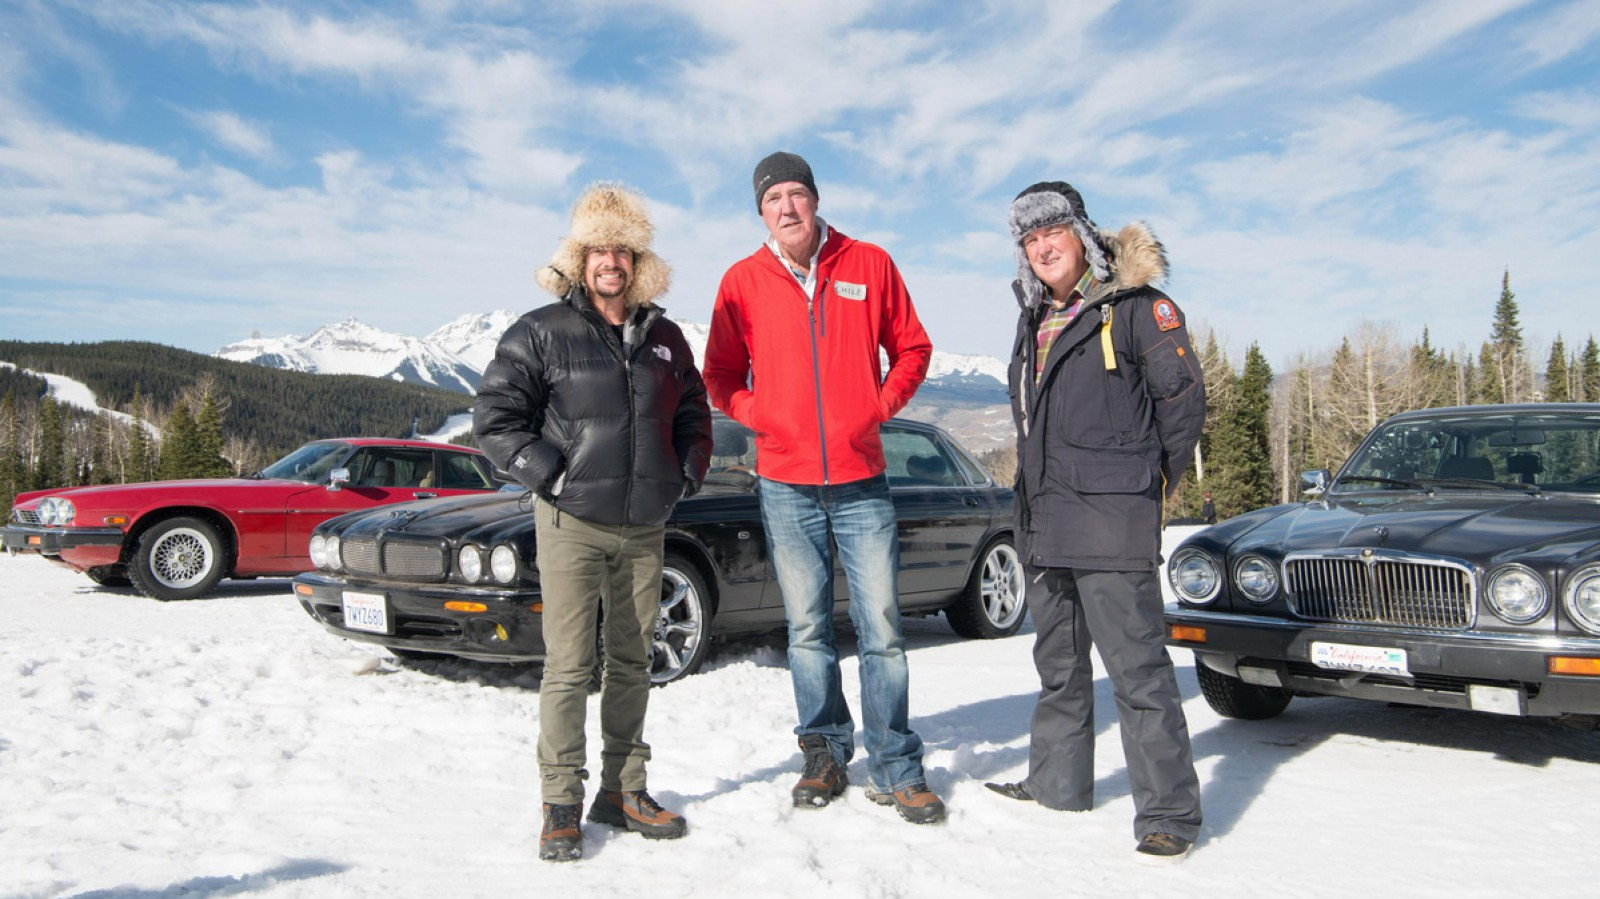 (video) Aventurierii din The Grand Tour au mers la schi cu Jaguar-uri vechi